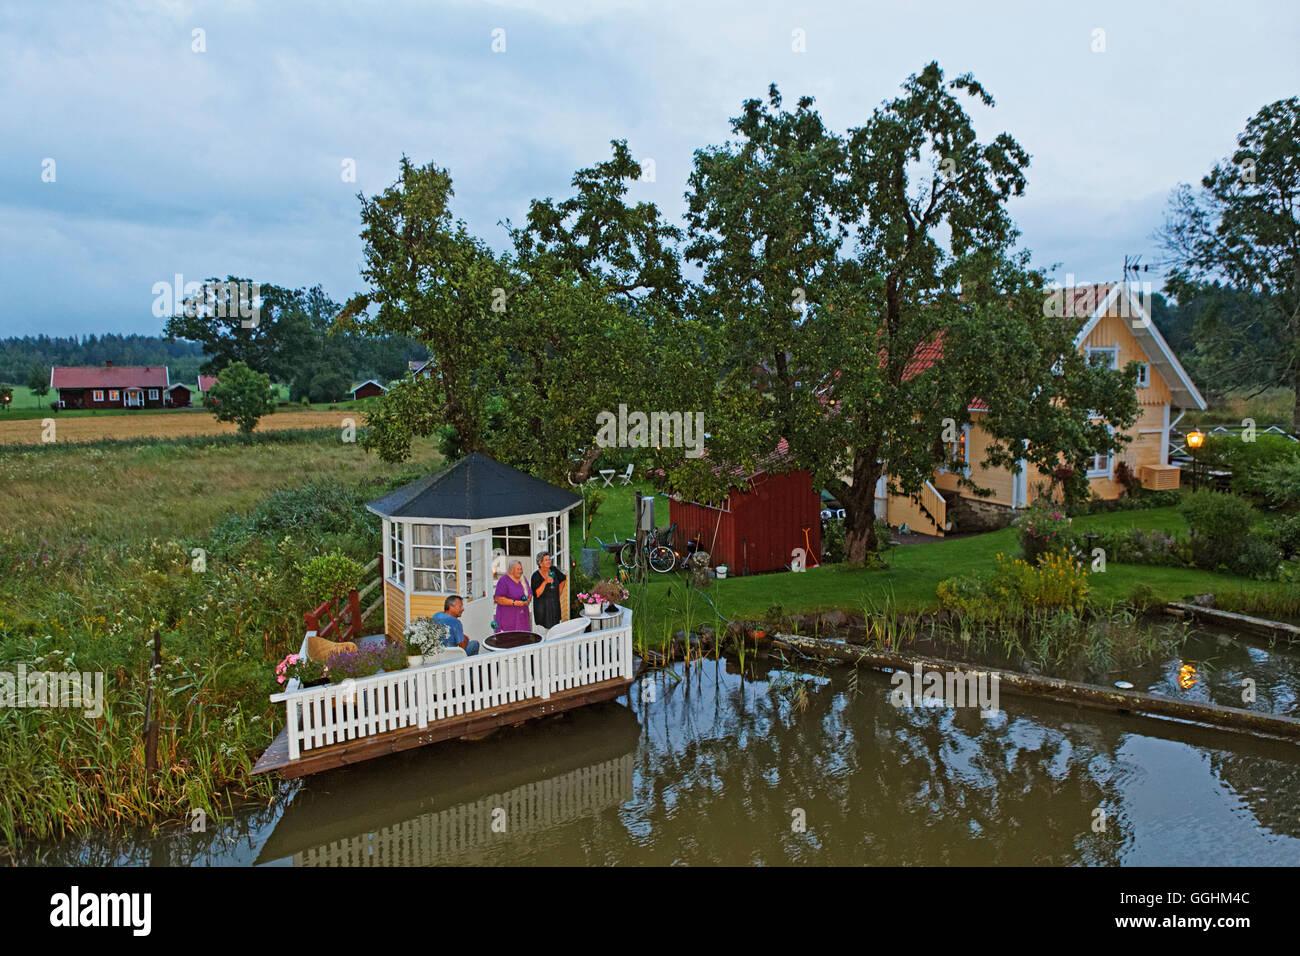 Terrasse pour un apéritif parfait, Gota canal, Sjoetorp, Suède Photo Stock